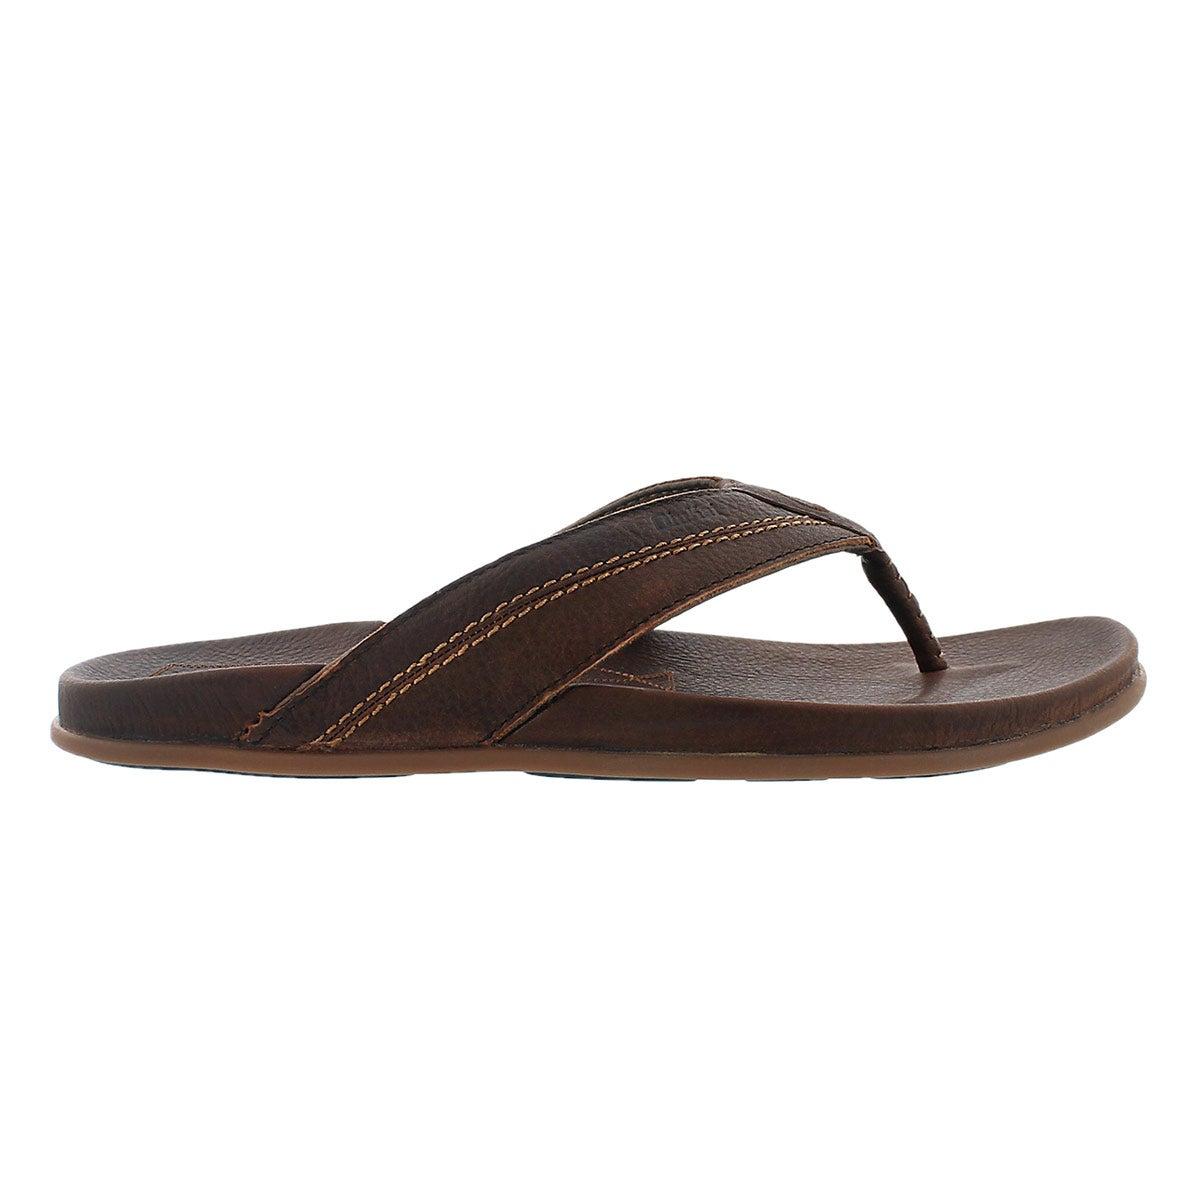 Mns Mohalu teak thong sandal